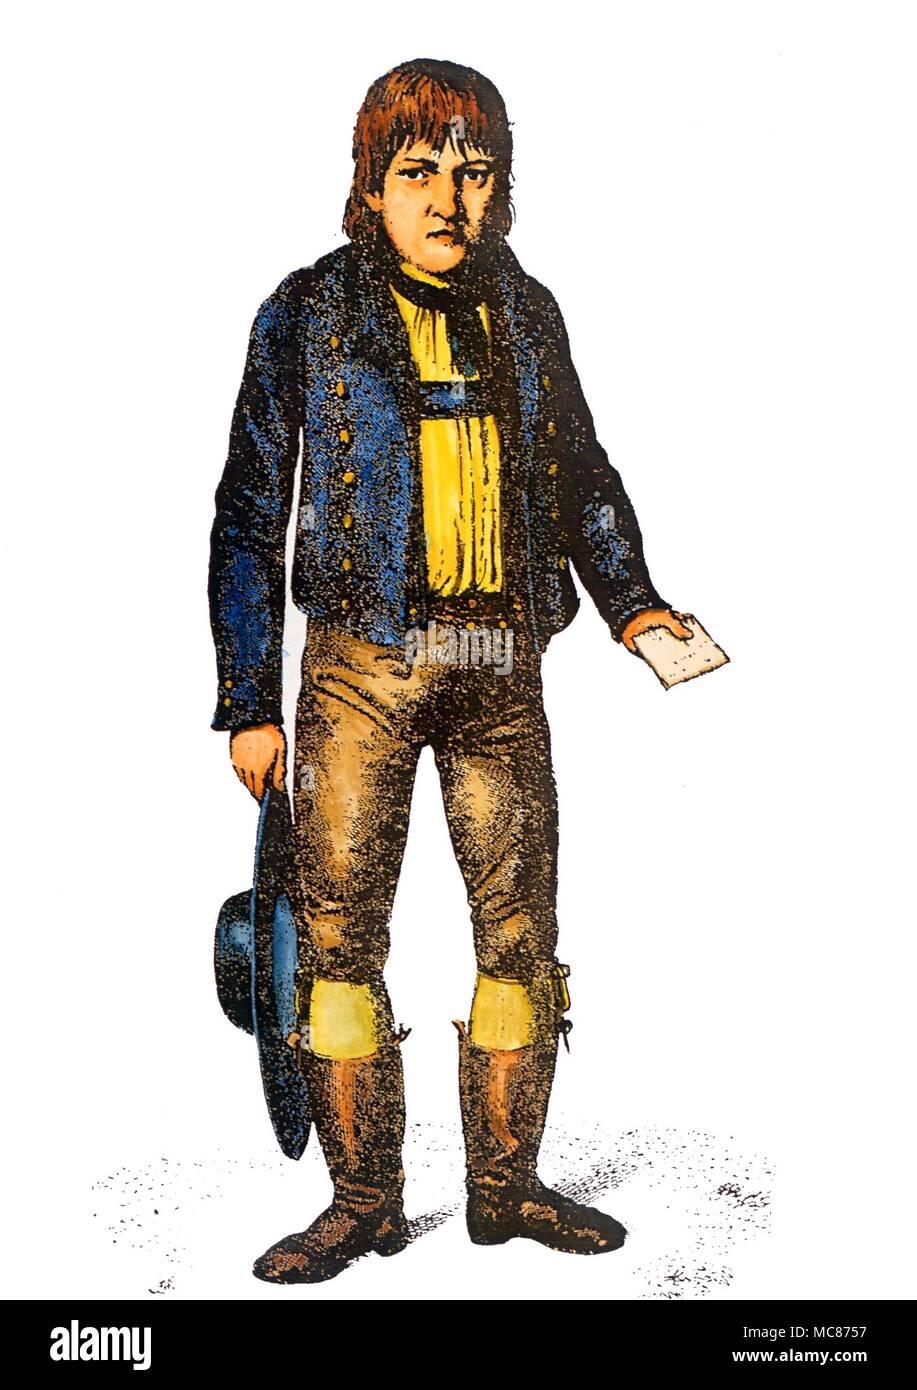 Phénomènes étranges Caspar Hauser, qui a comparu à titre de nulle part dans les rues de Nuremberg, en mai 1828. Il a été assassiné en 1883, son origine et la vie un mystère total. Gravure de Hanfstaengl Banque D'Images